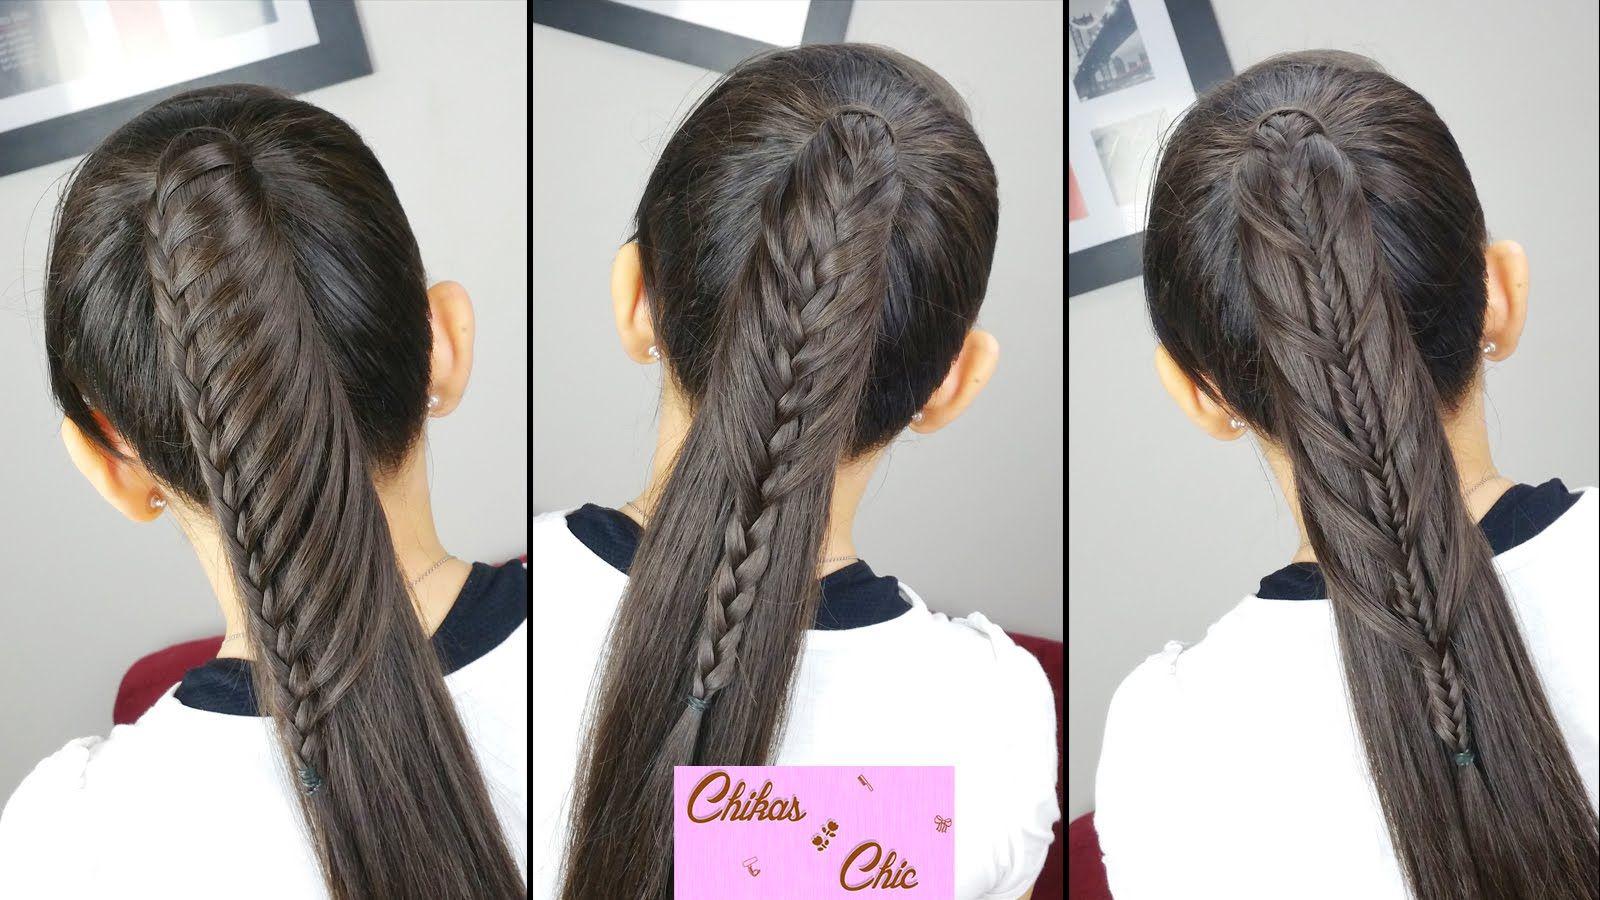 peinados faciles y rapidos cola con todo el cabello 3 opciones